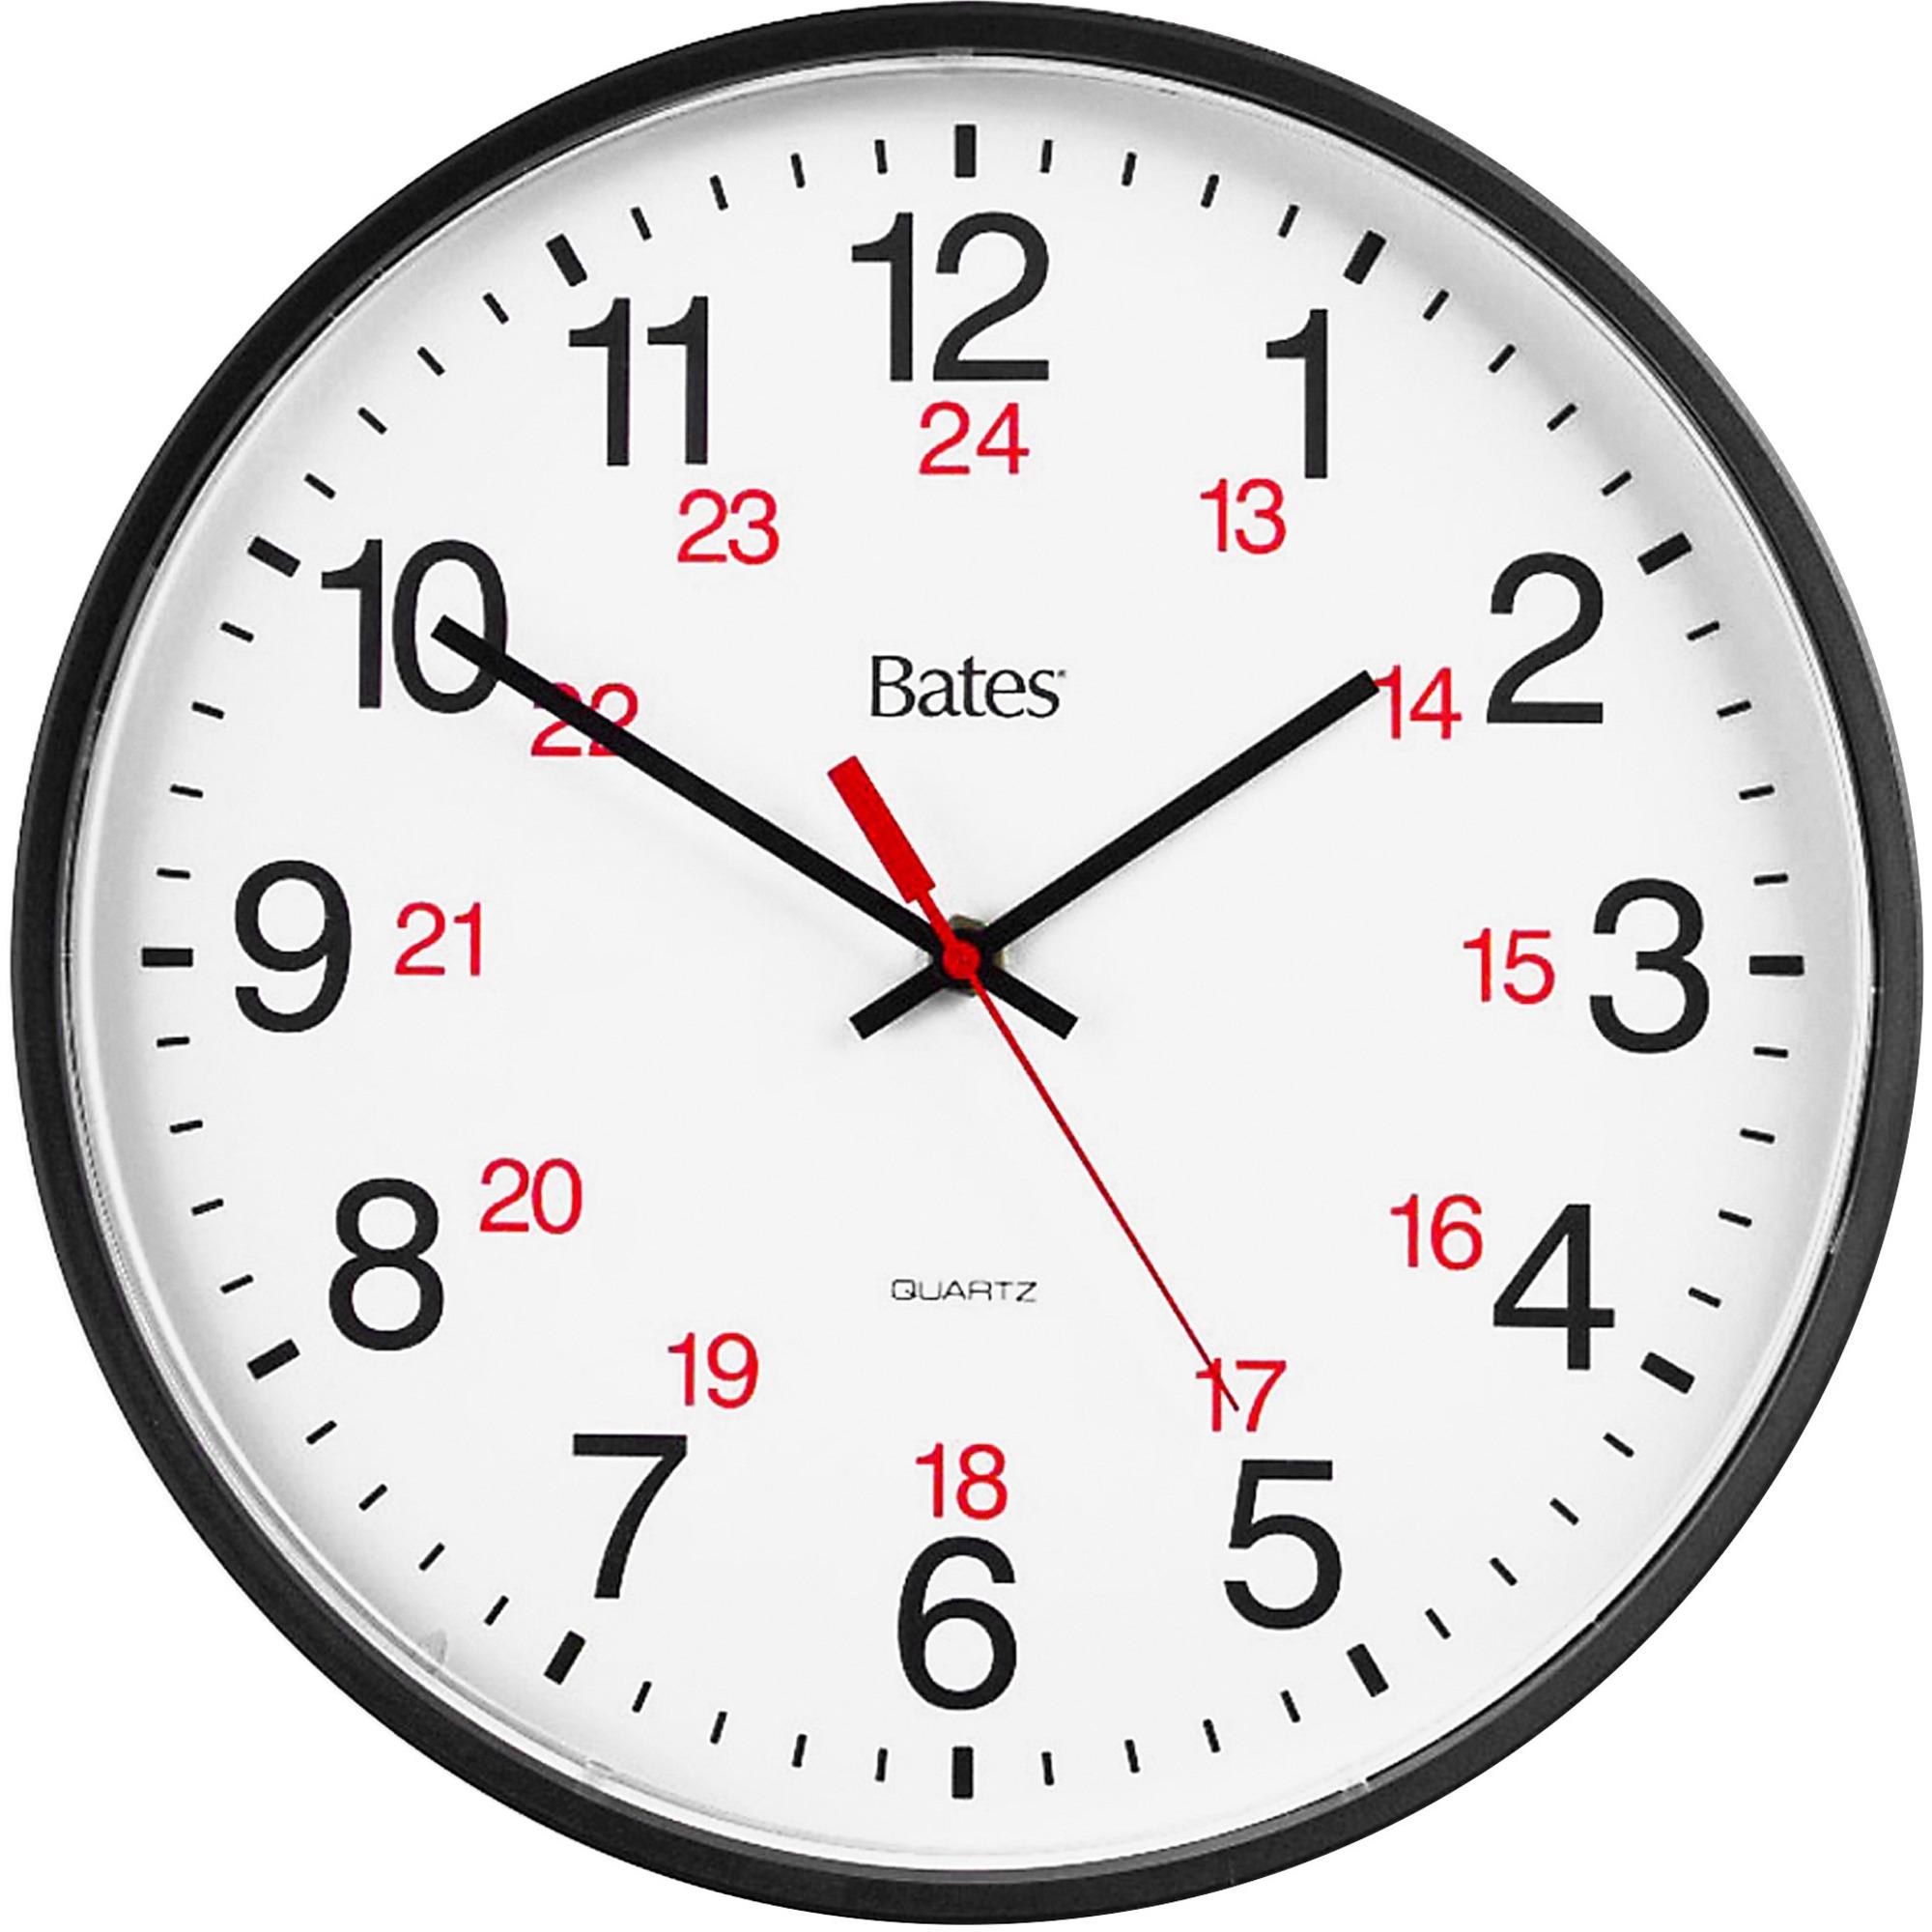 Gbc 9847027 Bates 12 24 Quartz Wall Clock Gbc9847027